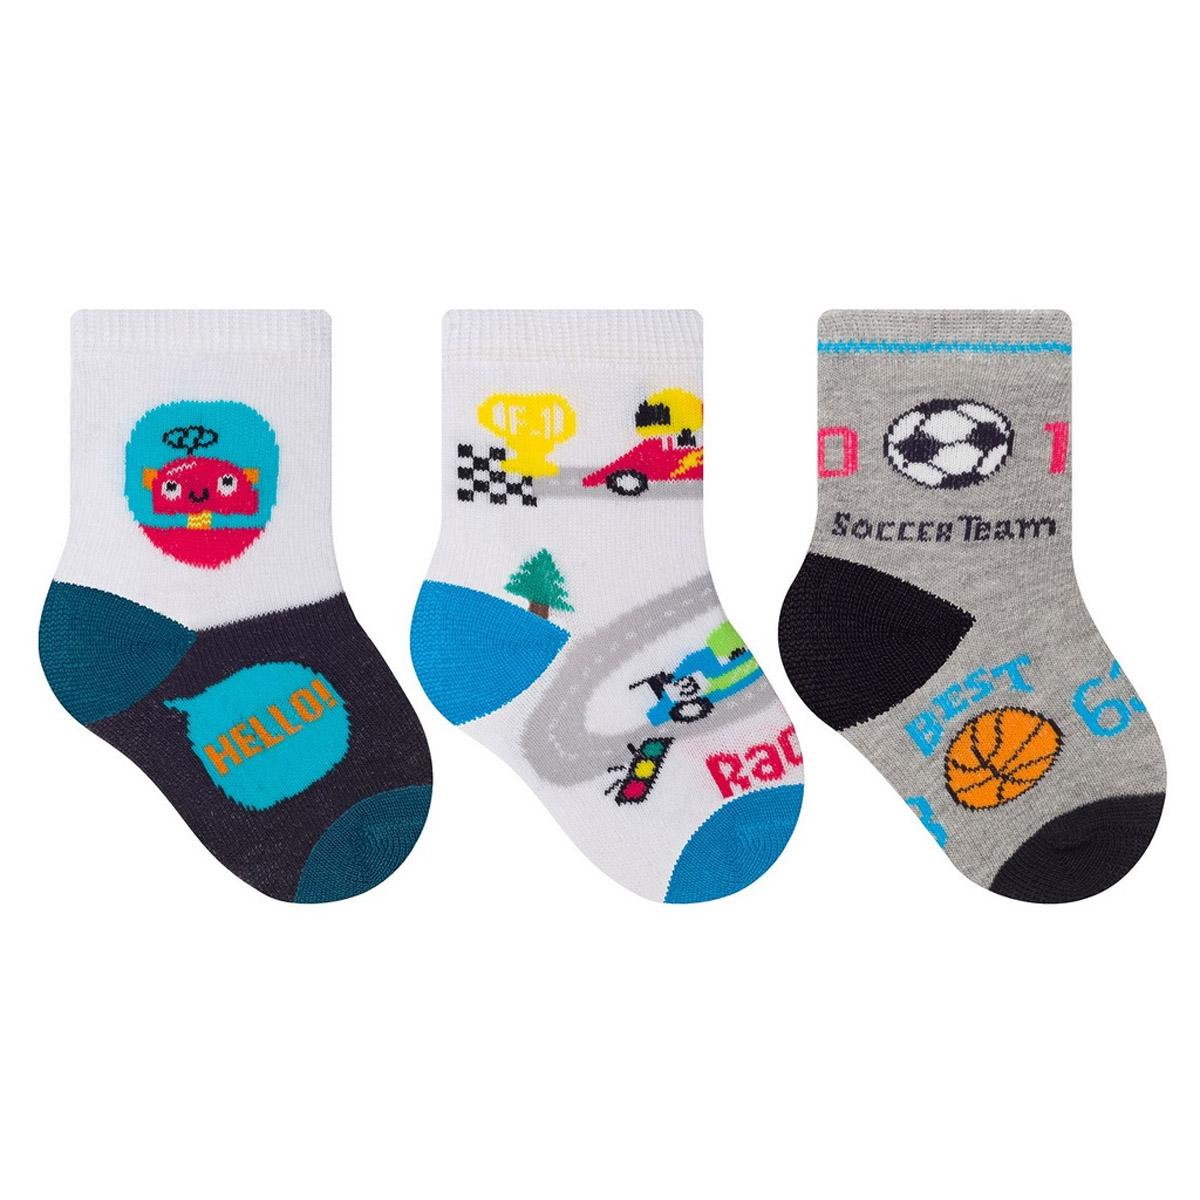 kit com 3 meias de bebê para menino Selene